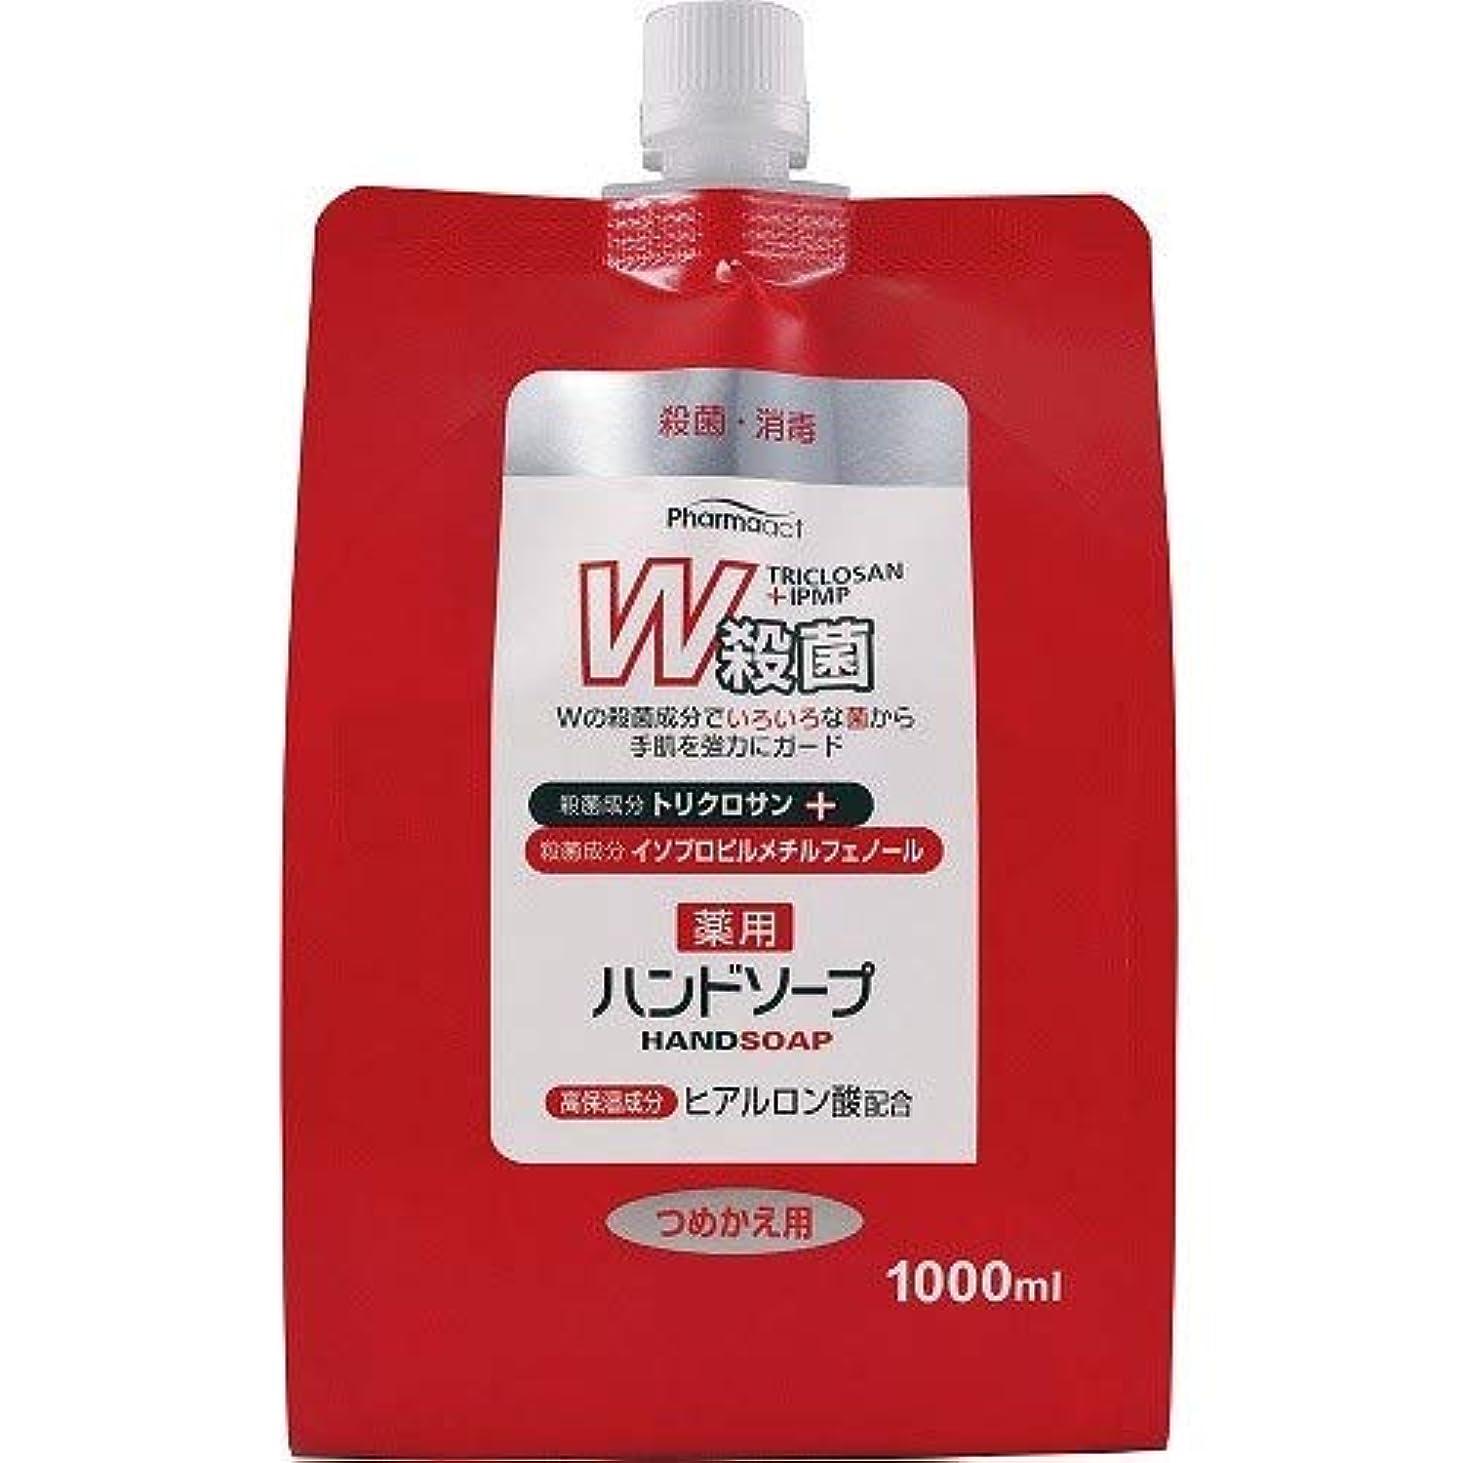 値下げ尋ねるメディックファーマアクト W殺菌薬用ハンドソープ スパウト付き詰替 1000ml